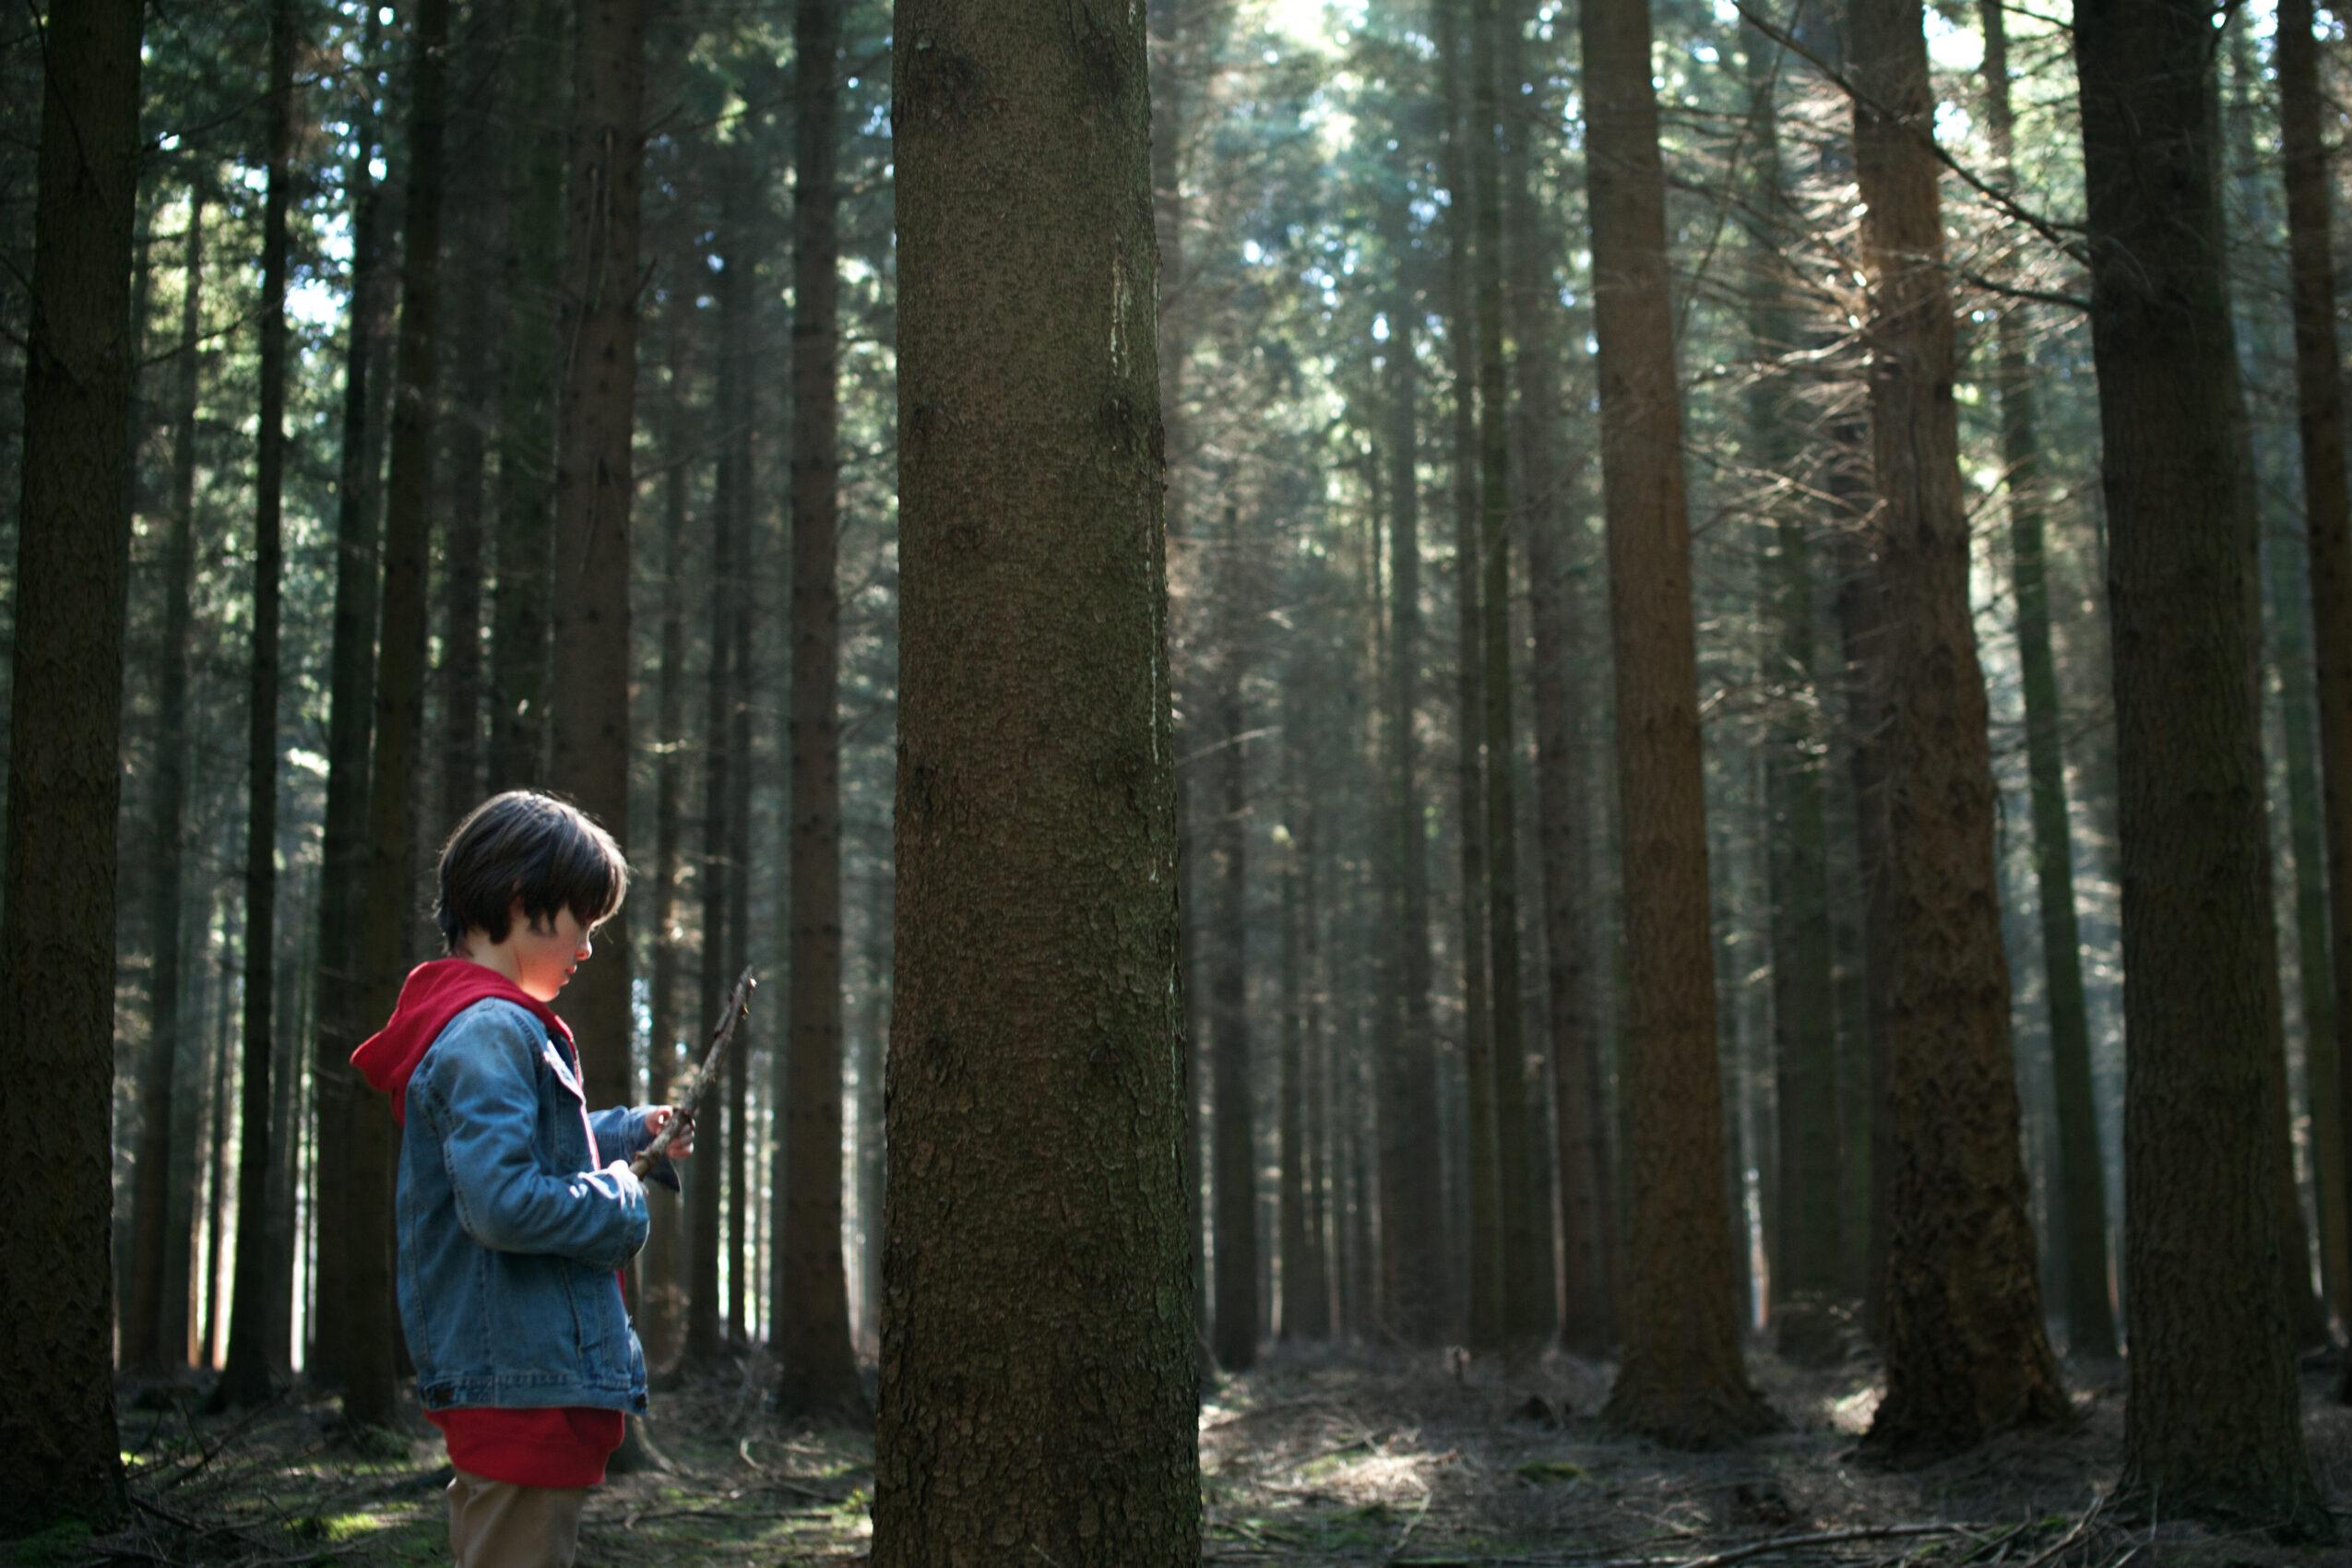 eng-stills-het-bos-_2